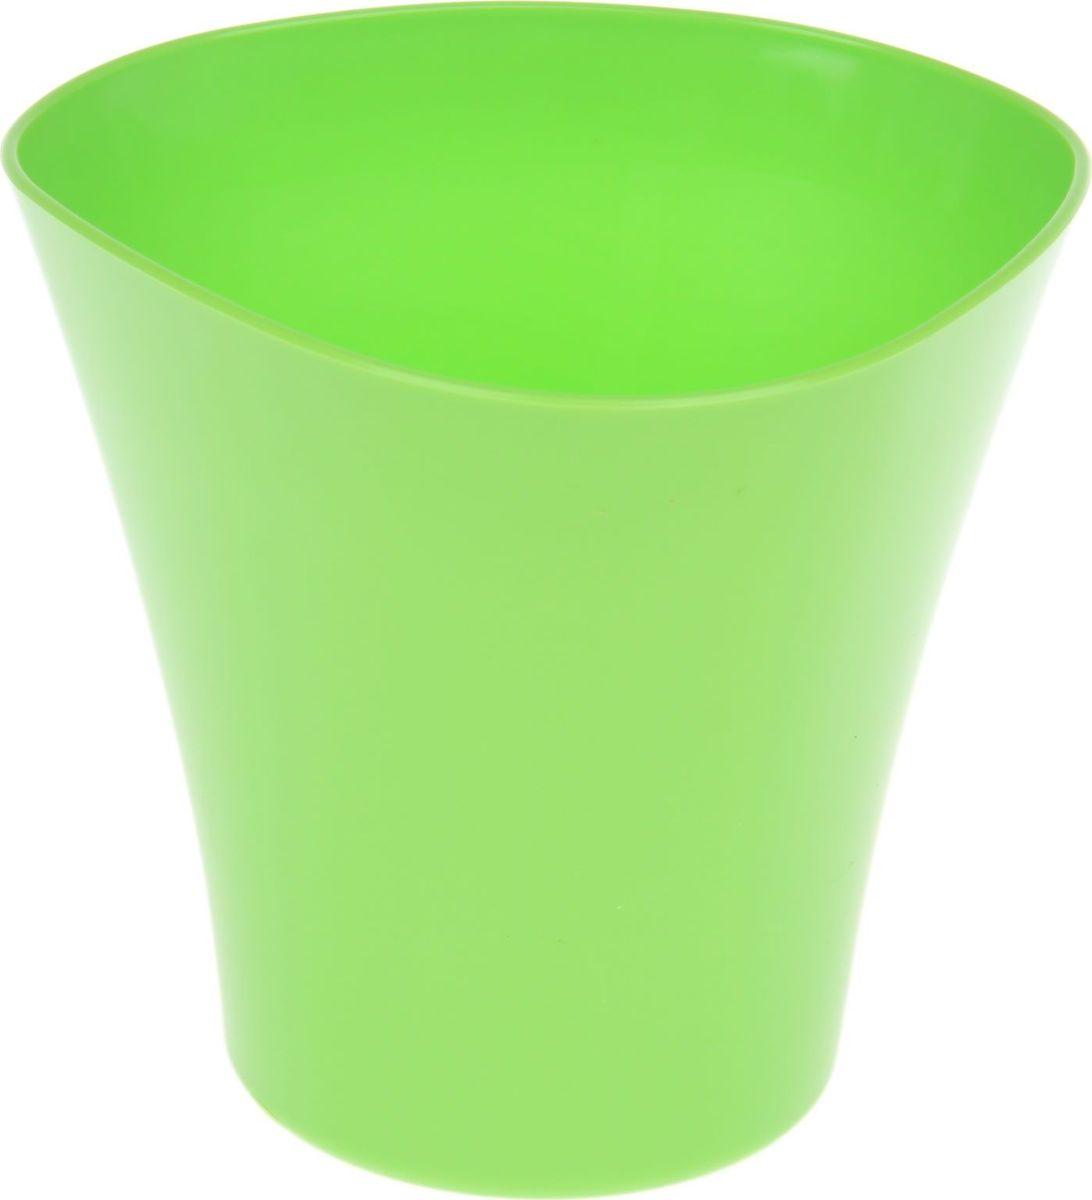 Кашпо JetPlast Волна, цвет: зеленый, 1,5 л4612754051304Любой, даже самый современный и продуманный интерьер будет не завершённым без растений. Они не только очищают воздух и насыщают его кислородом, но и заметно украшают окружающее пространство. Такому полезному &laquo члену семьи&raquoпросто необходимо красивое и функциональное кашпо, оригинальный горшок или необычная ваза! Мы предлагаем - Кашпо 1,5 л Волна, цвет зеленый!Оптимальный выбор материала &mdash &nbsp пластмасса! Почему мы так считаем? Малый вес. С лёгкостью переносите горшки и кашпо с места на место, ставьте их на столики или полки, подвешивайте под потолок, не беспокоясь о нагрузке. Простота ухода. Пластиковые изделия не нуждаются в специальных условиях хранения. Их&nbsp легко чистить &mdashдостаточно просто сполоснуть тёплой водой. Никаких царапин. Пластиковые кашпо не царапают и не загрязняют поверхности, на которых стоят. Пластик дольше хранит влагу, а значит &mdashрастение реже нуждается в поливе. Пластмасса не пропускает воздух &mdashкорневой системе растения не грозят резкие перепады температур. Огромный выбор форм, декора и расцветок &mdashвы без труда подберёте что-то, что идеально впишется в уже существующий интерьер.Соблюдая нехитрые правила ухода, вы можете заметно продлить срок службы горшков, вазонов и кашпо из пластика: всегда учитывайте размер кроны и корневой системы растения (при разрастании большое растение способно повредить маленький горшок)берегите изделие от воздействия прямых солнечных лучей, чтобы кашпо и горшки не выцветалидержите кашпо и горшки из пластика подальше от нагревающихся поверхностей.Создавайте прекрасные цветочные композиции, выращивайте рассаду или необычные растения, а низкие цены позволят вам не ограничивать себя в выборе.